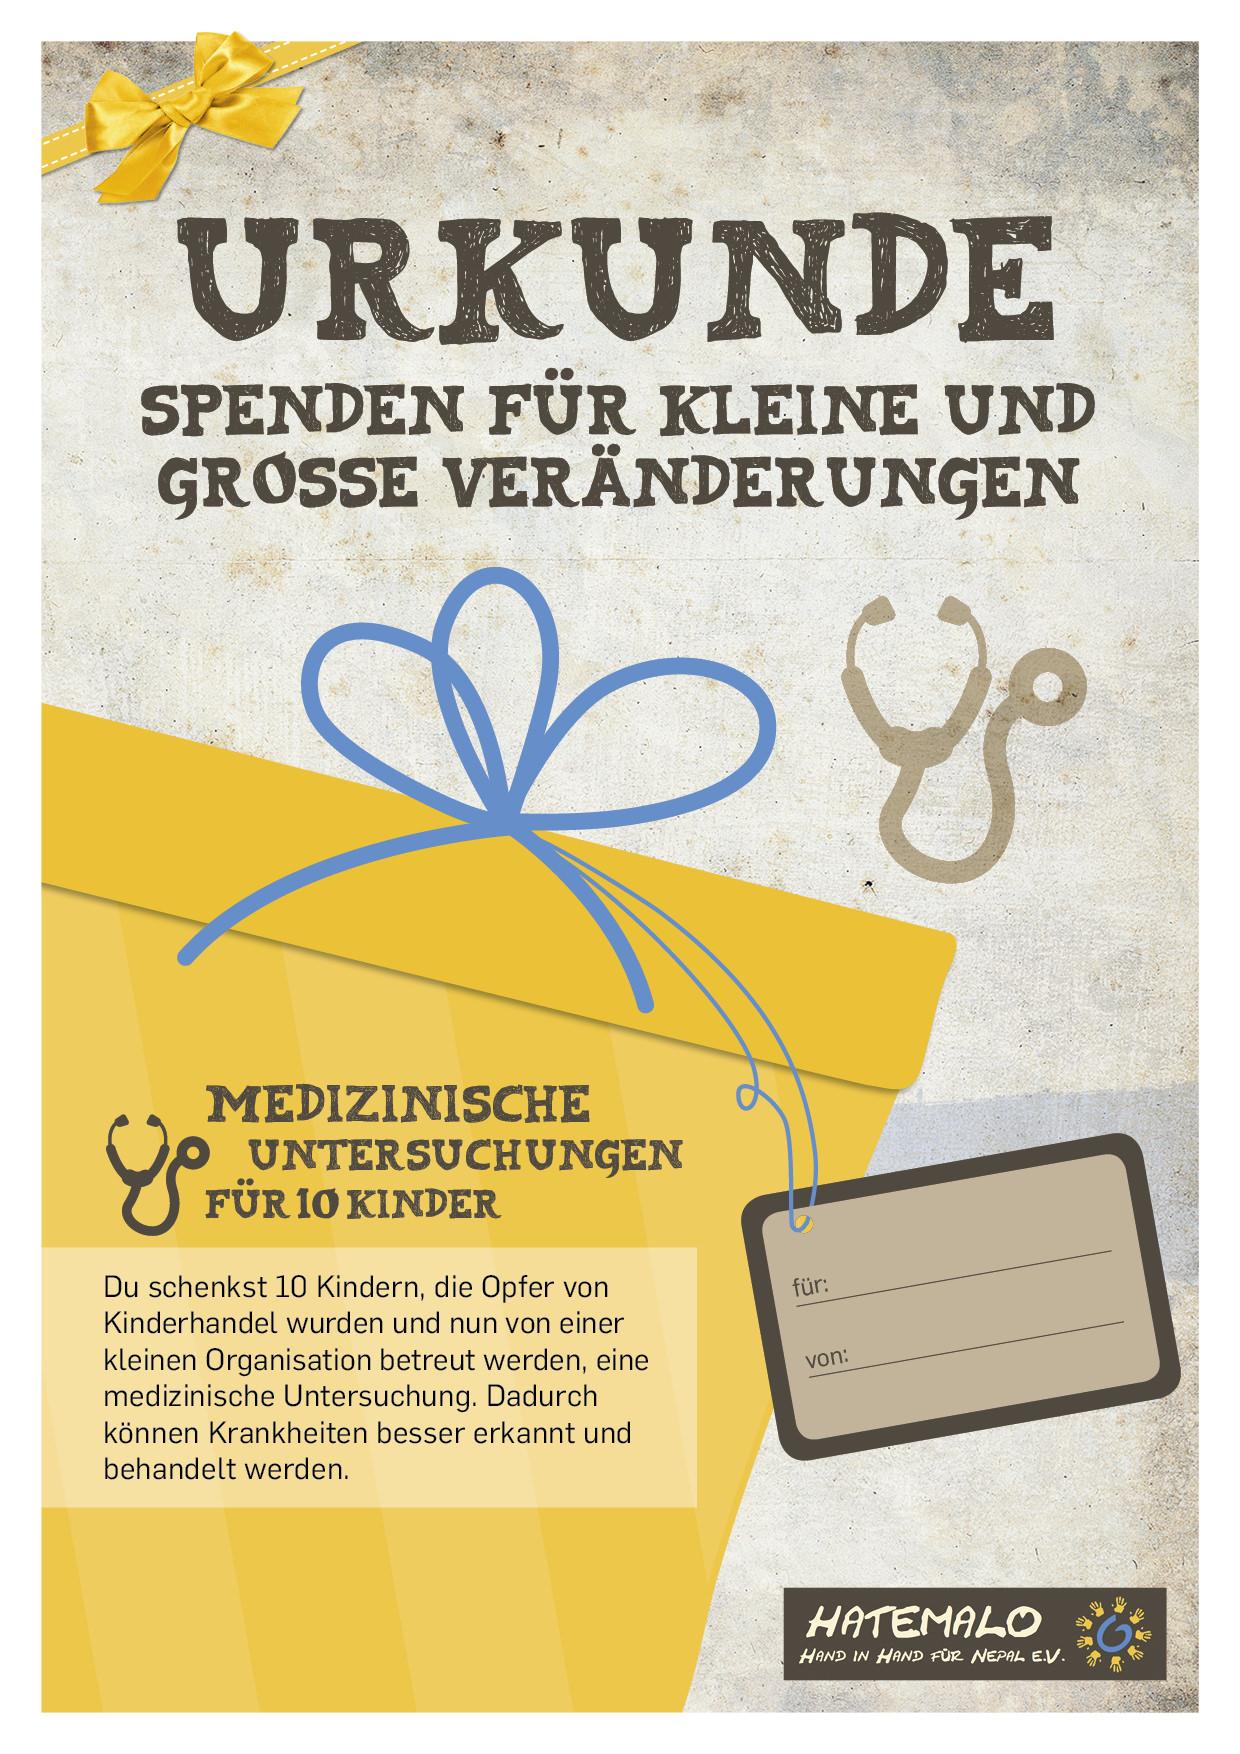 Urkunde 2016 Winterkleider für 5 Kinder